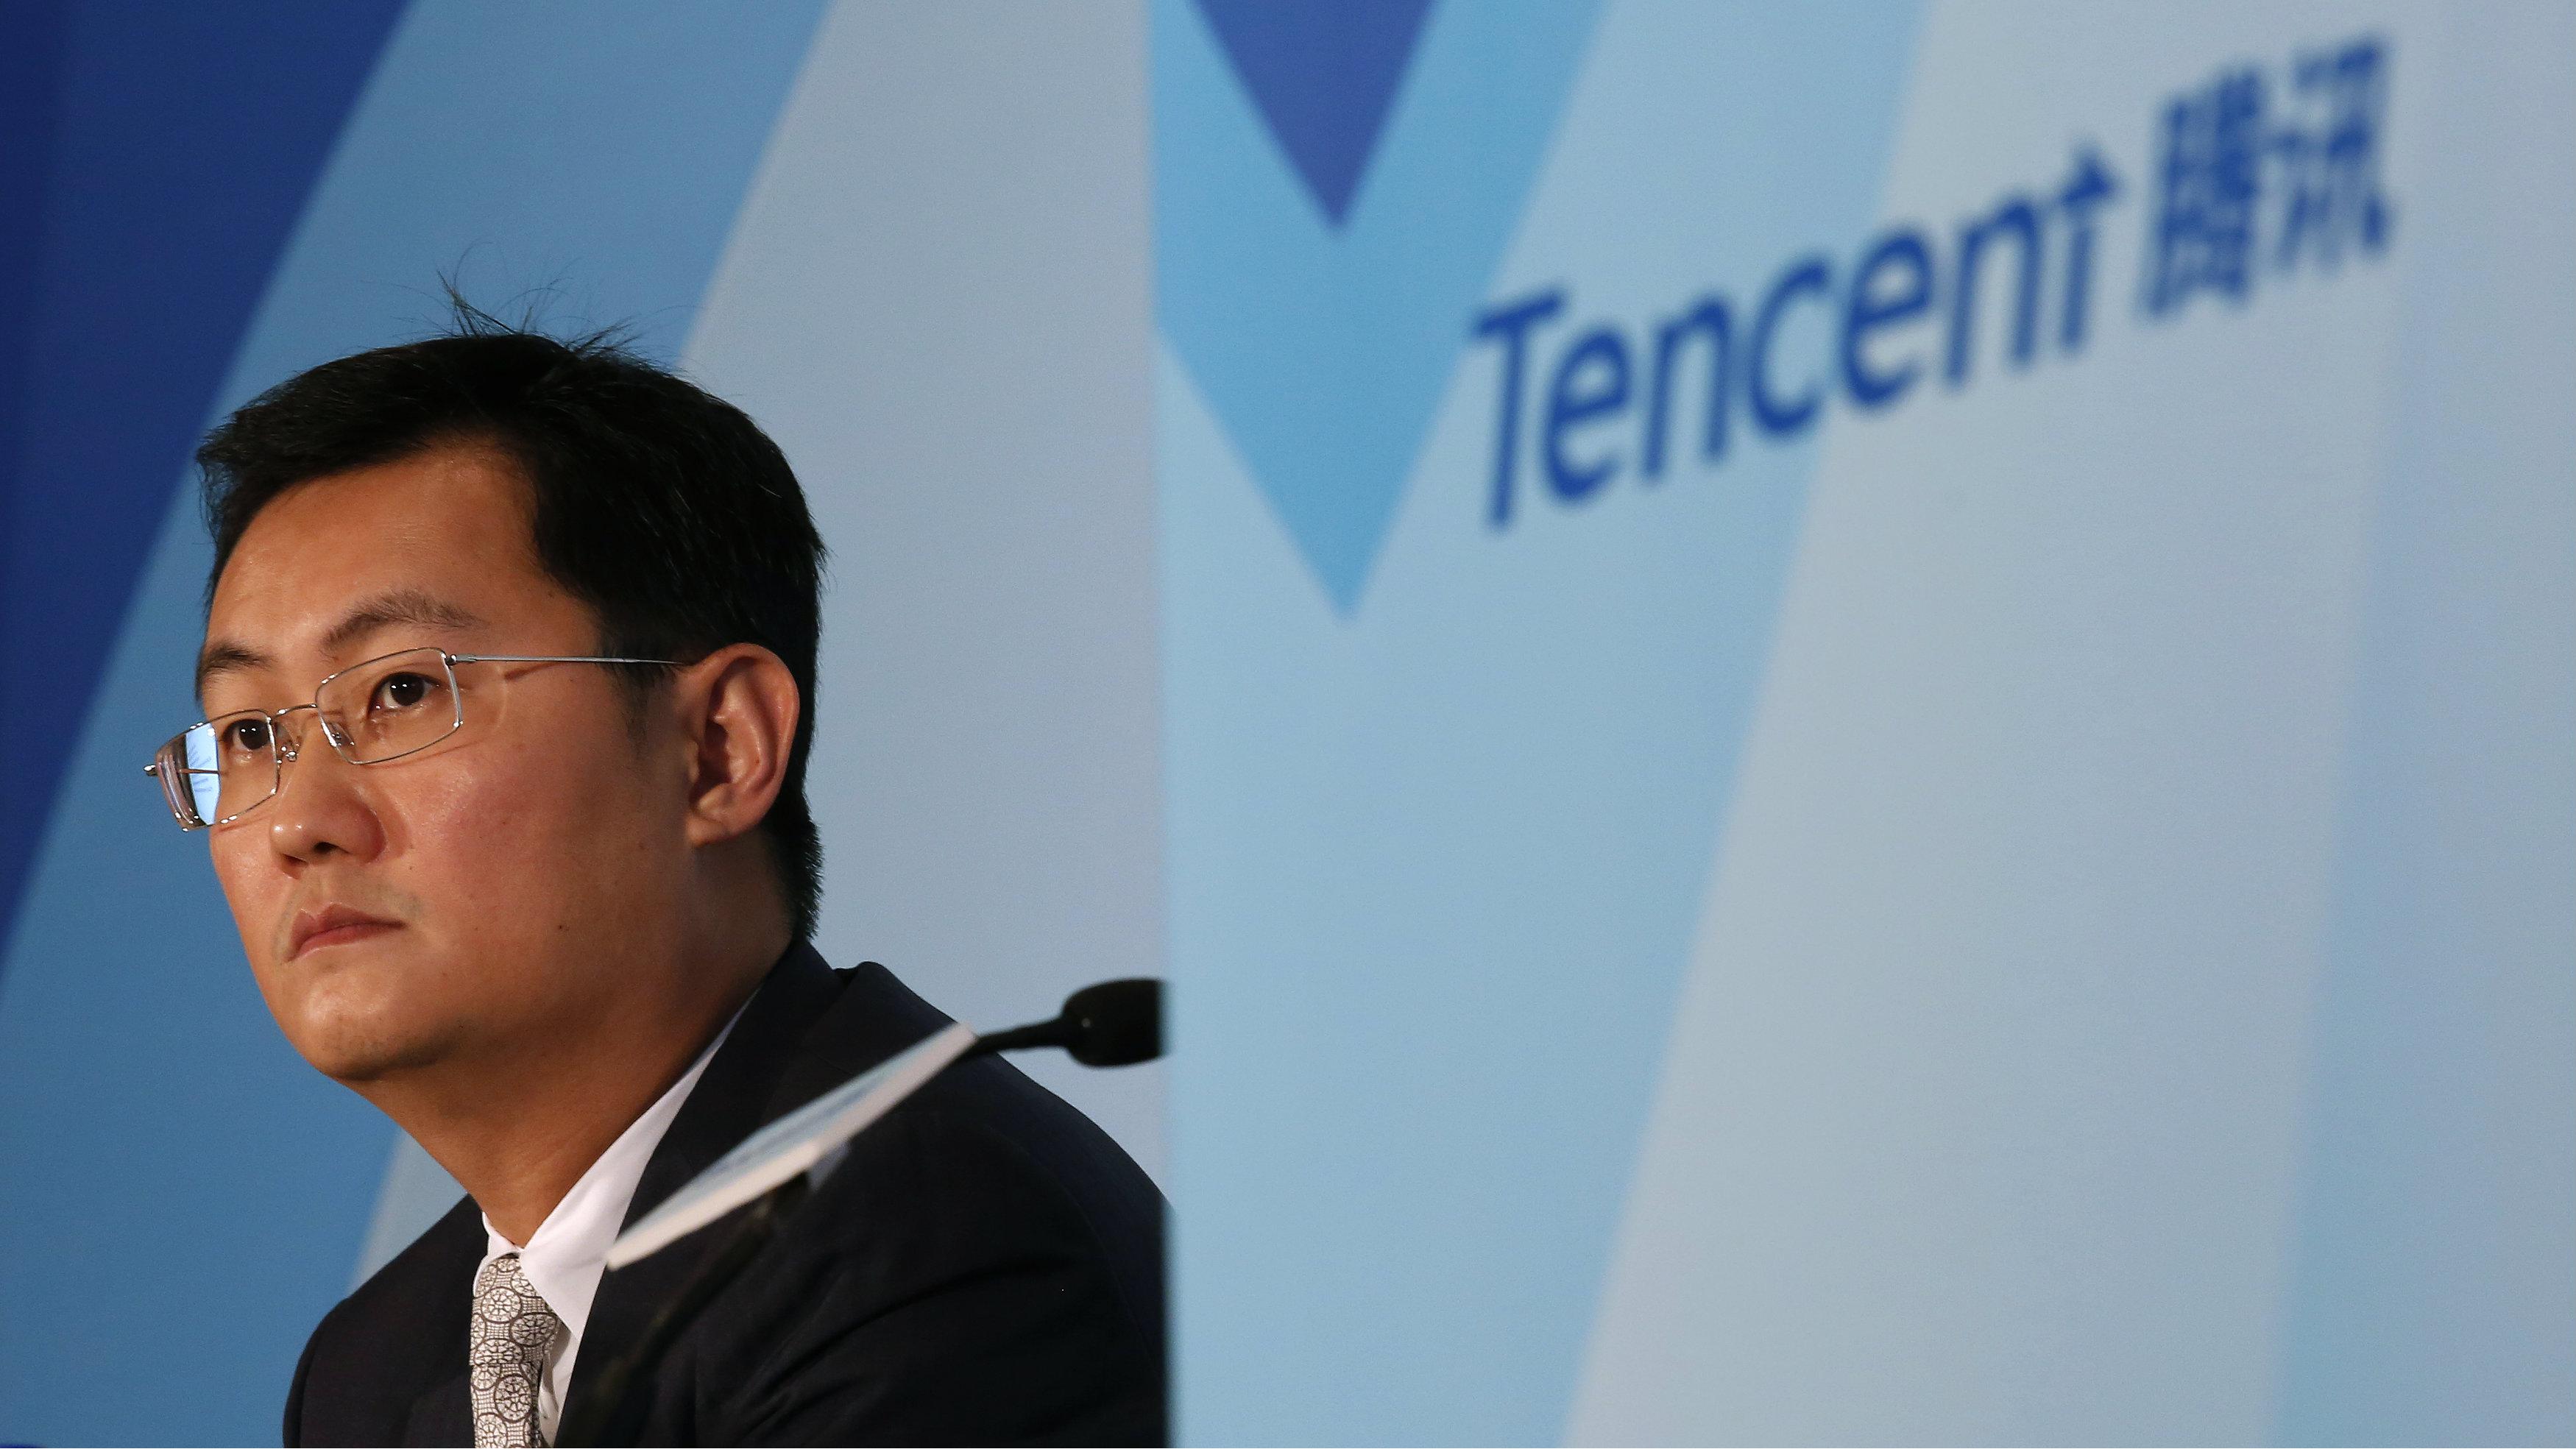 Tencent's Pony Ma (HKG: 0700), not Jack Ma or Wang Jianlin